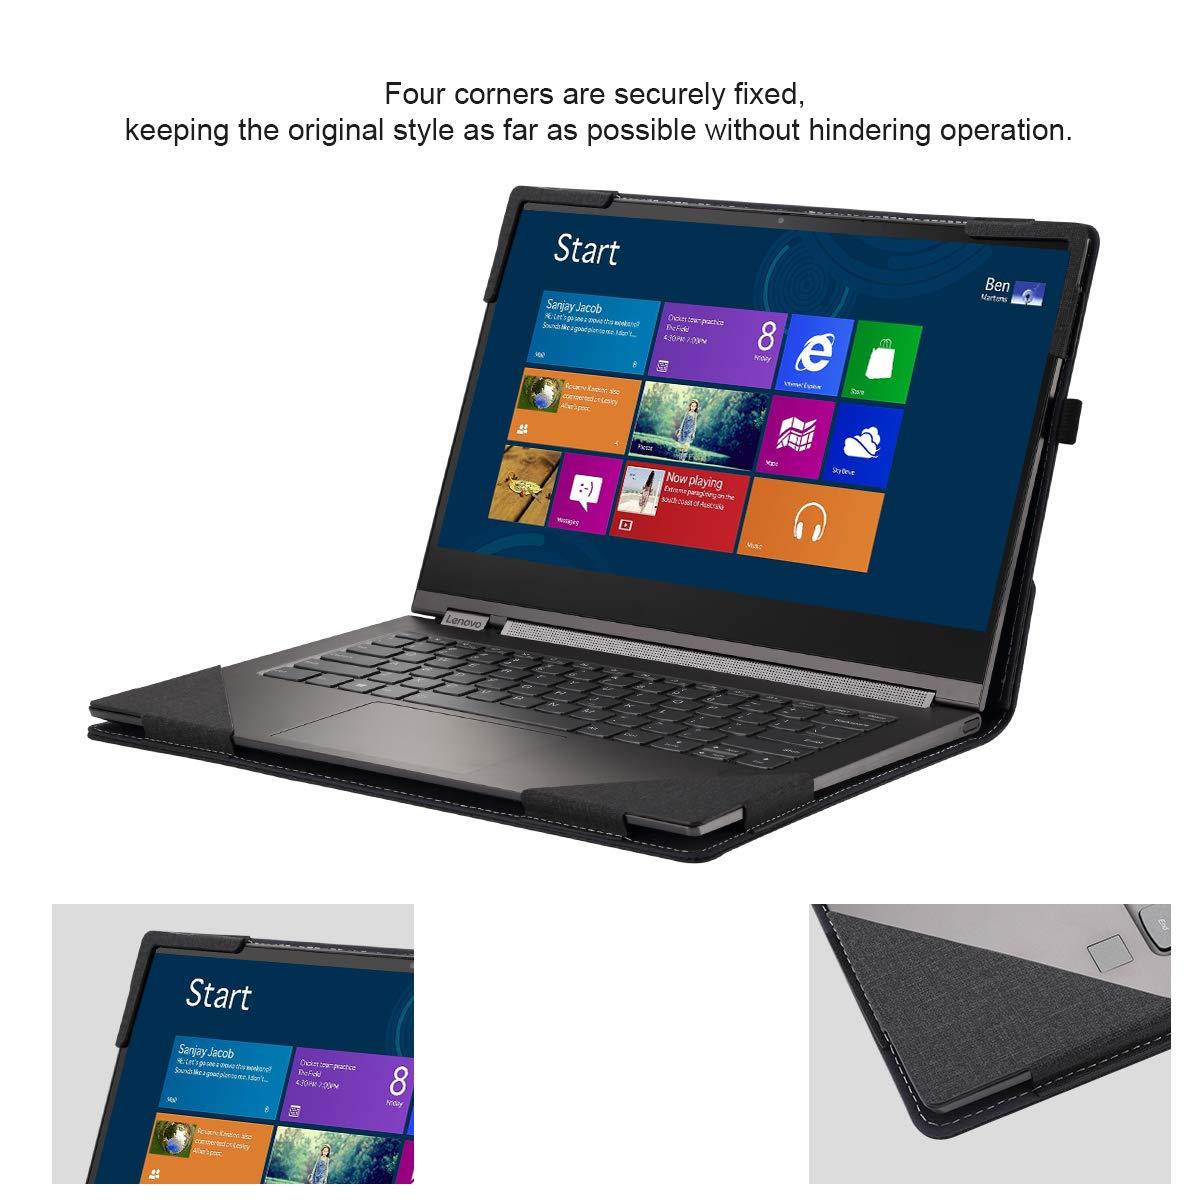 Amazon.com: Forubar - Funda rígida para Lenovo Yoga C930 de ...